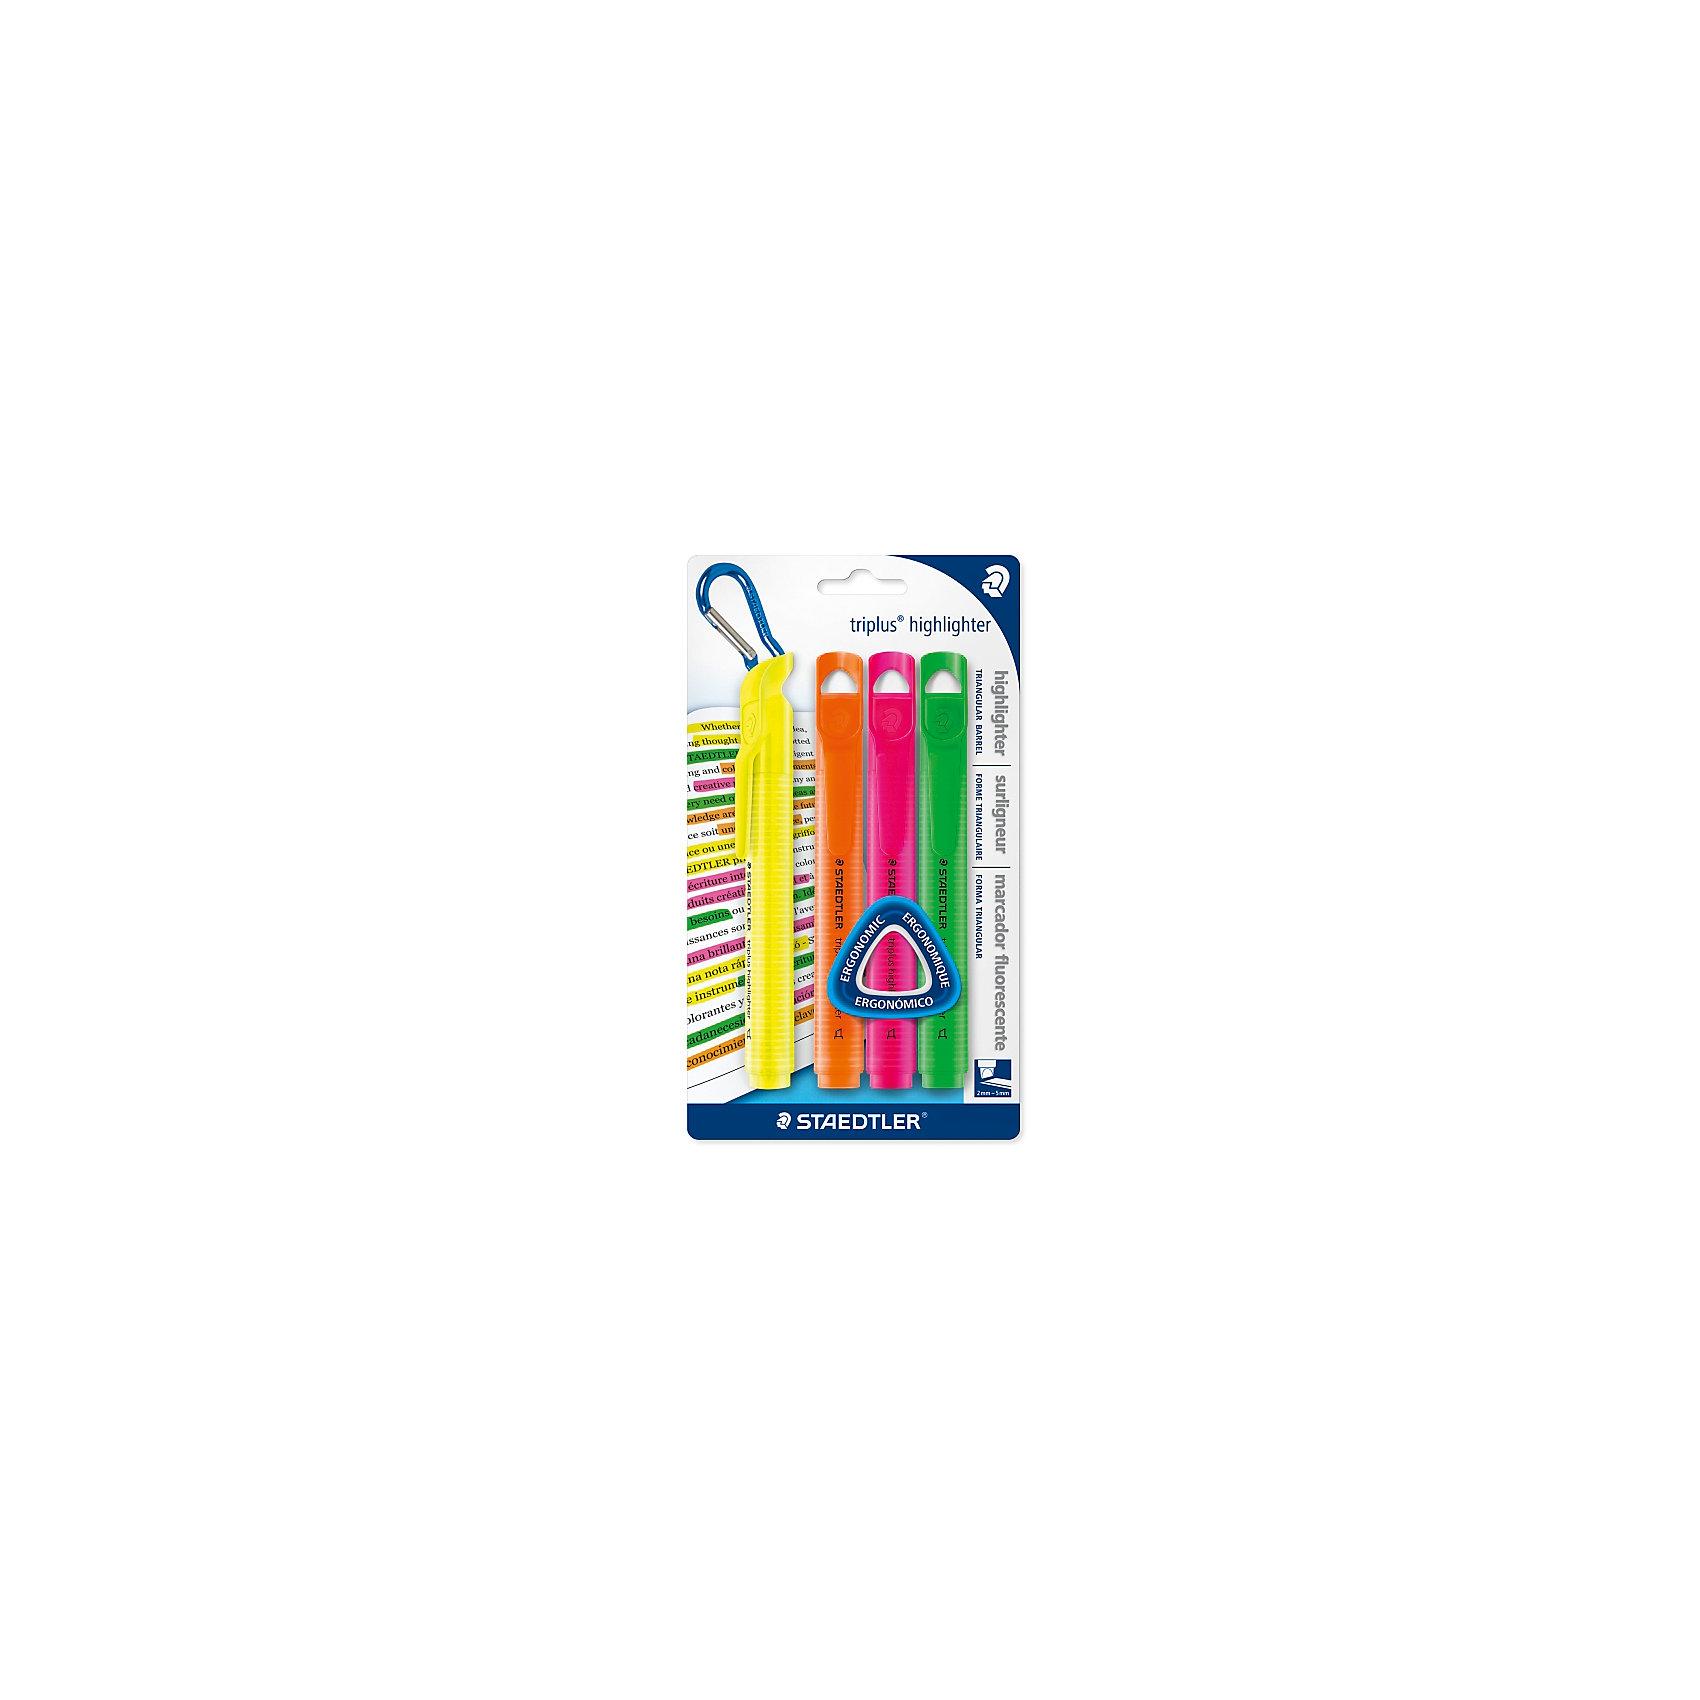 Текстовыделитель Triplus highlighter, 2-5 мм, 4 цвПисьменные принадлежности<br><br><br>Ширина мм: 207<br>Глубина мм: 117<br>Высота мм: 20<br>Вес г: 99<br>Возраст от месяцев: 84<br>Возраст до месяцев: 168<br>Пол: Унисекс<br>Возраст: Детский<br>SKU: 4918517